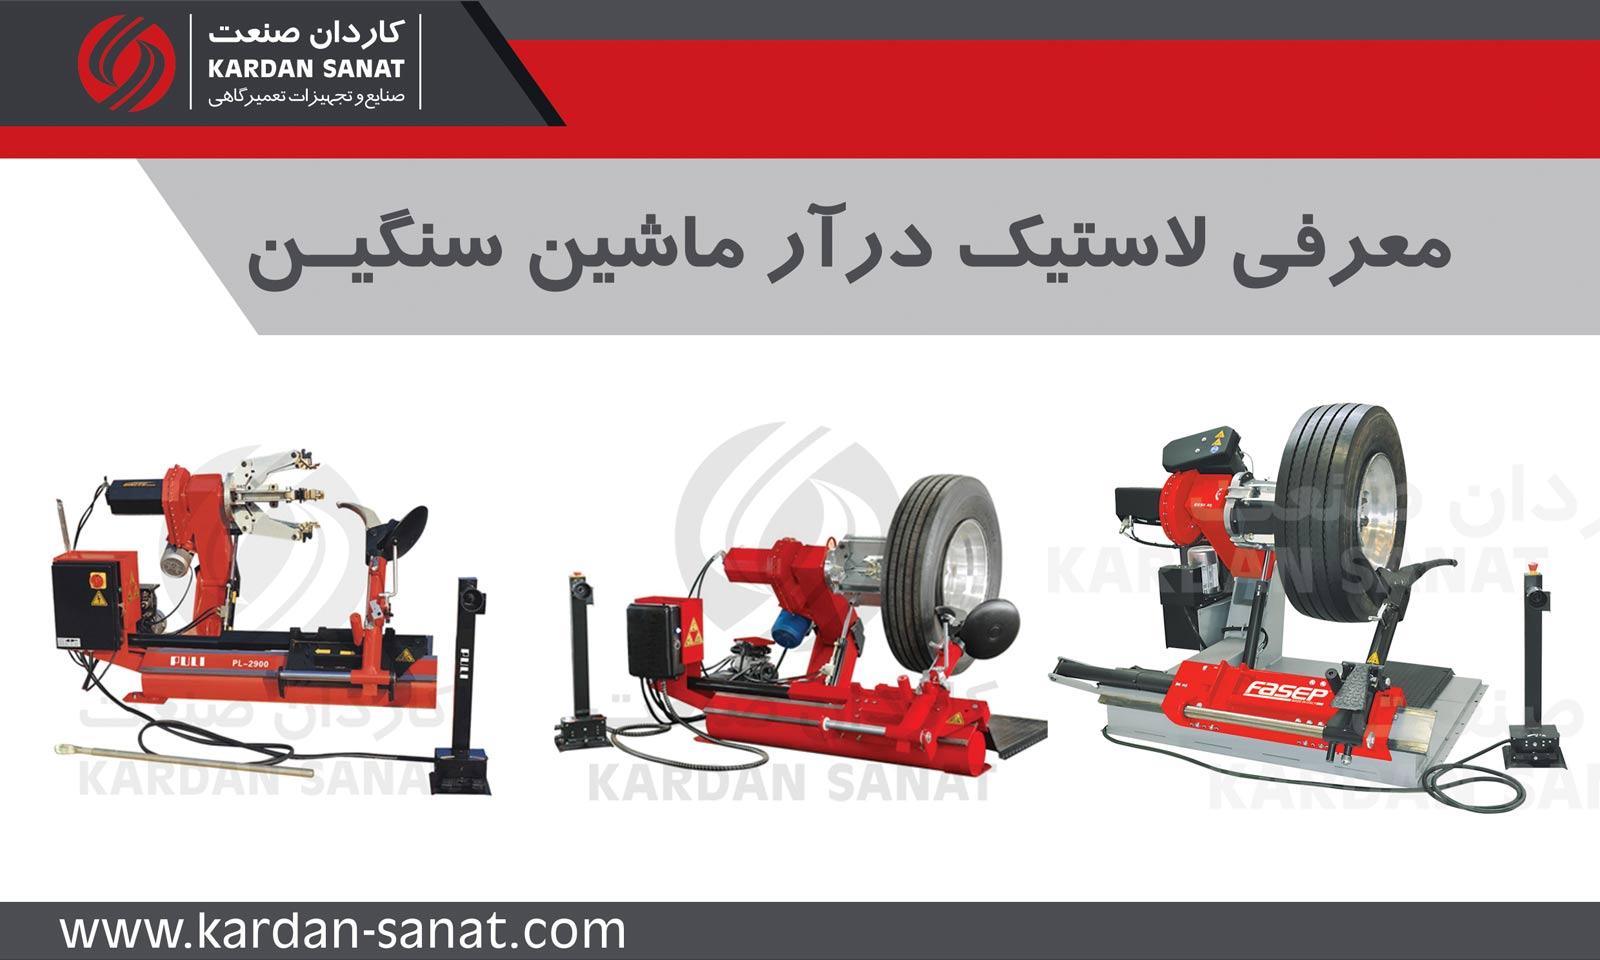 آموزش و معرفی و فروش دستگاه لاستیک درآر ماشین سنگین ، کامیونی ، اتوبوسی ، لودری